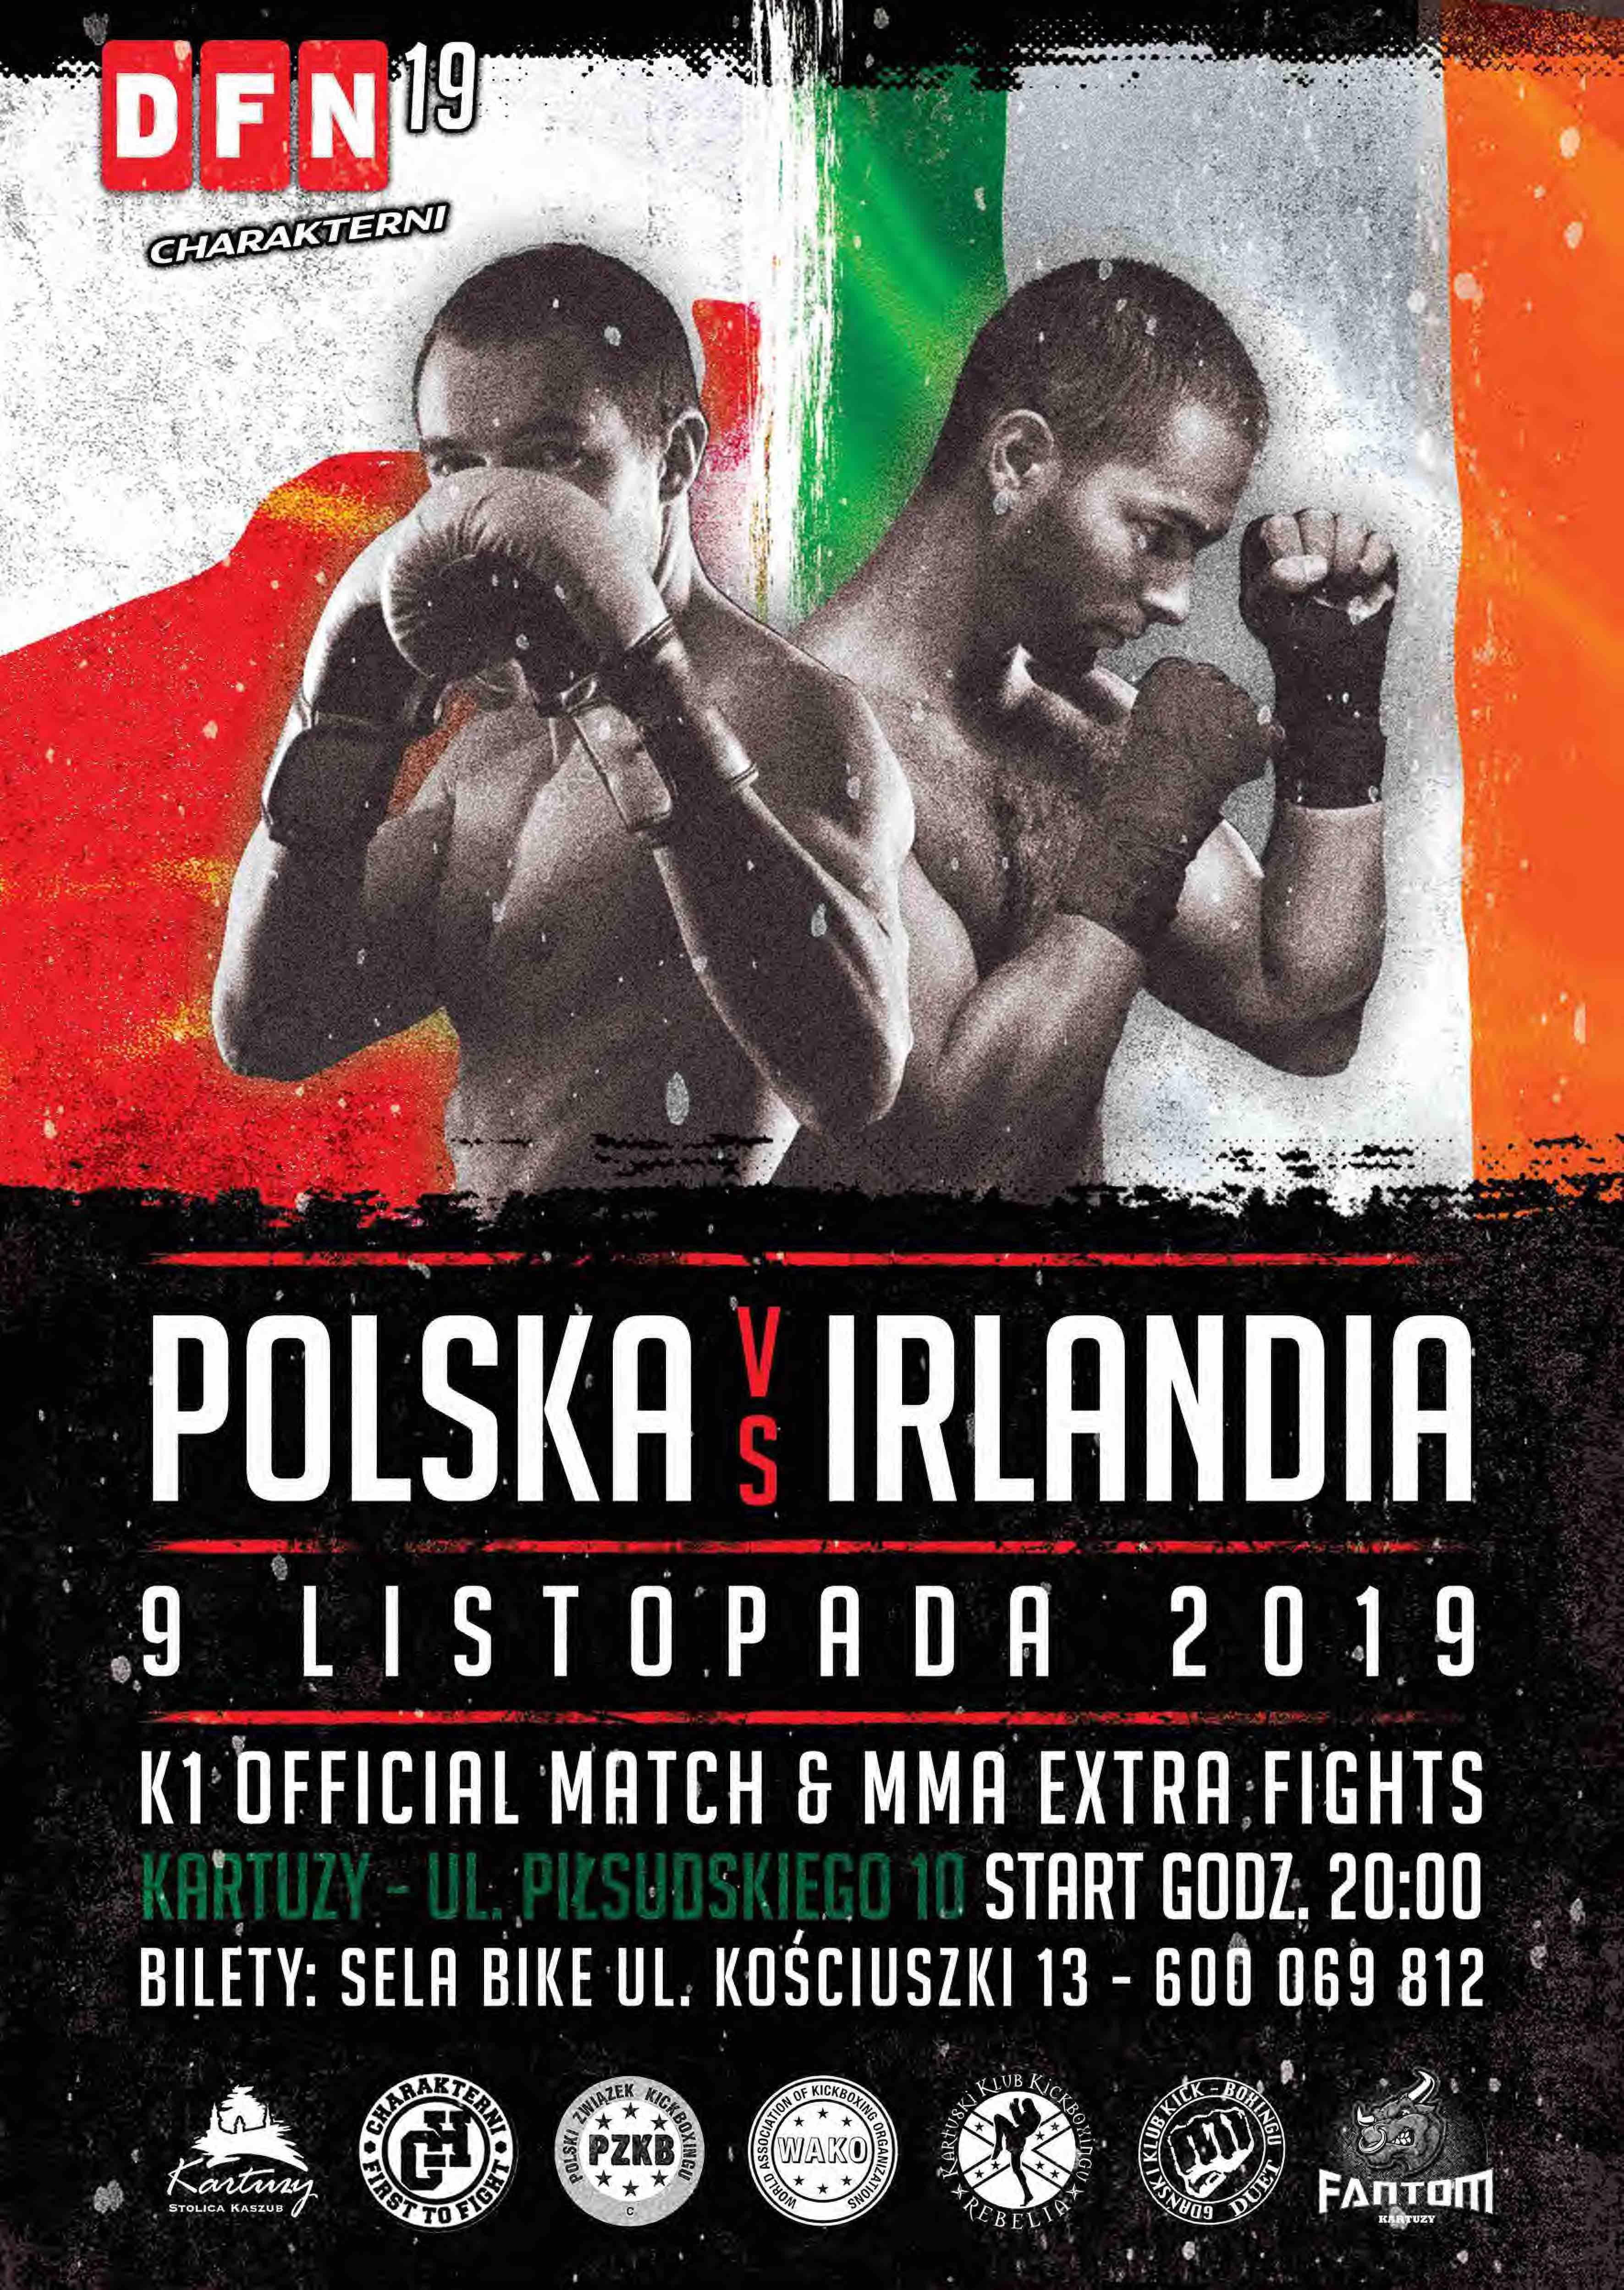 Polska vs. Irlandia